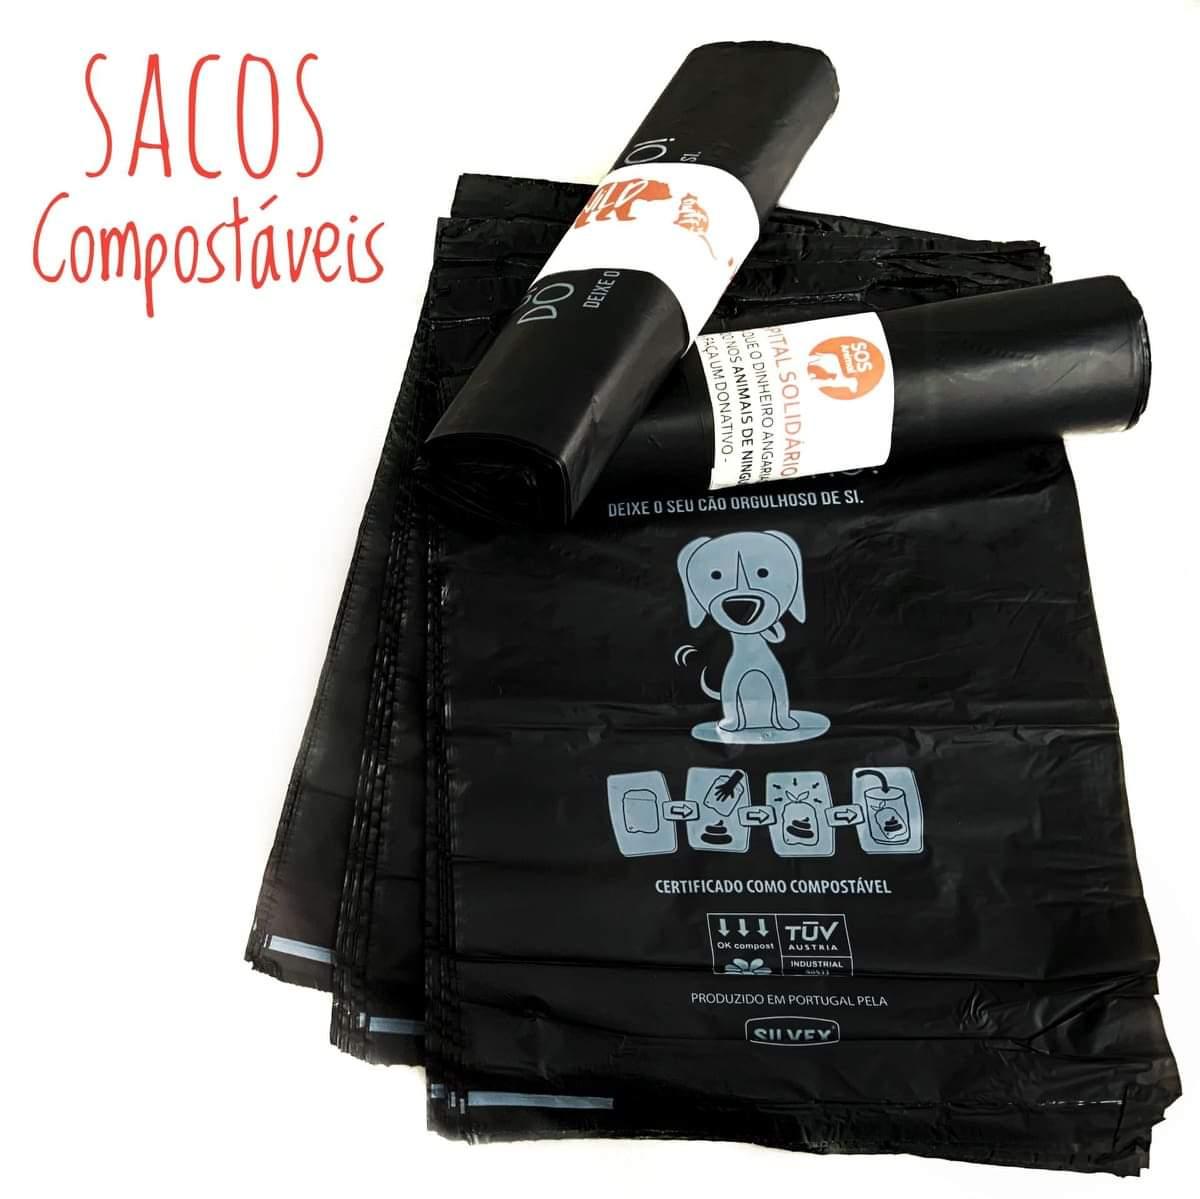 Saco Compostável - saco para dejetos